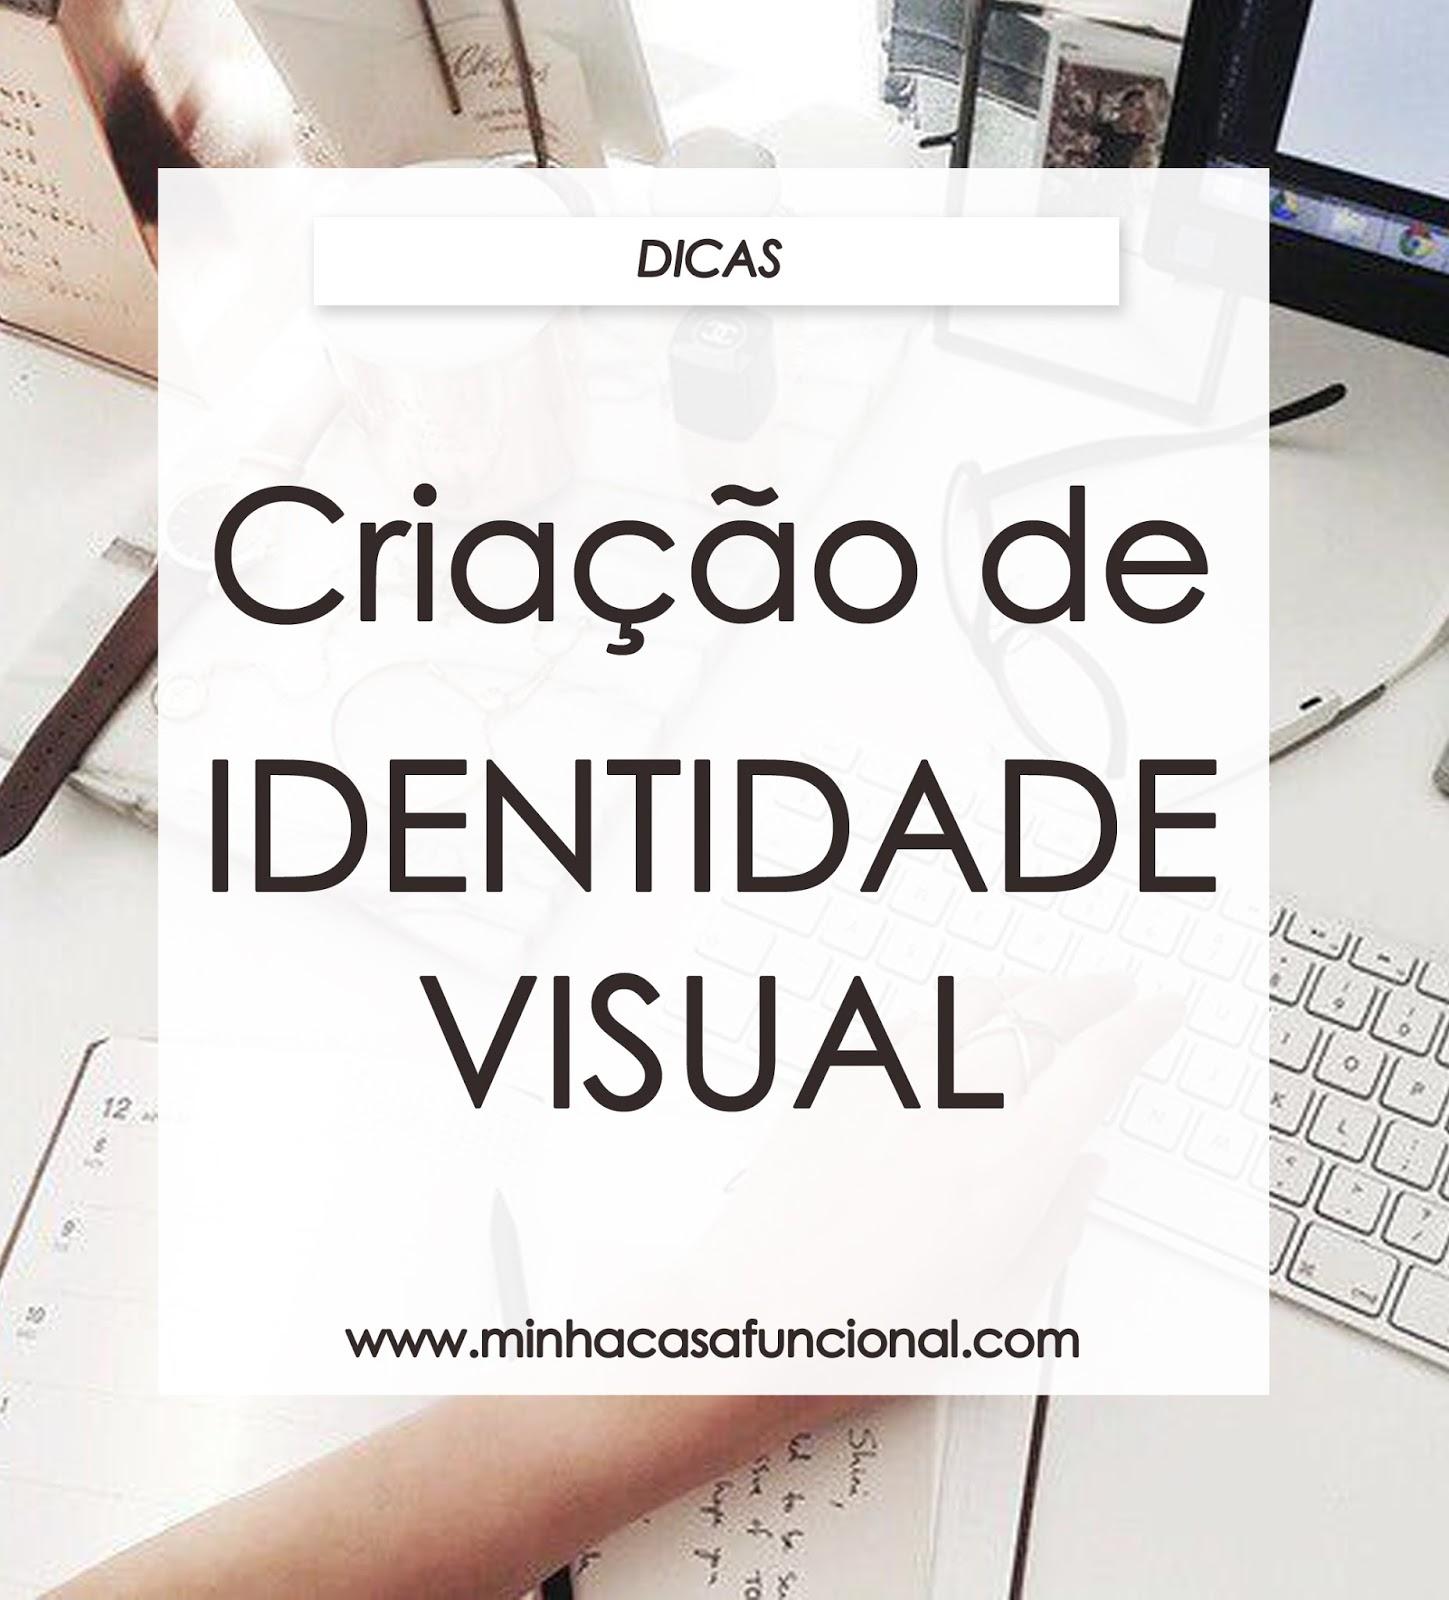 Criação de identidade visual